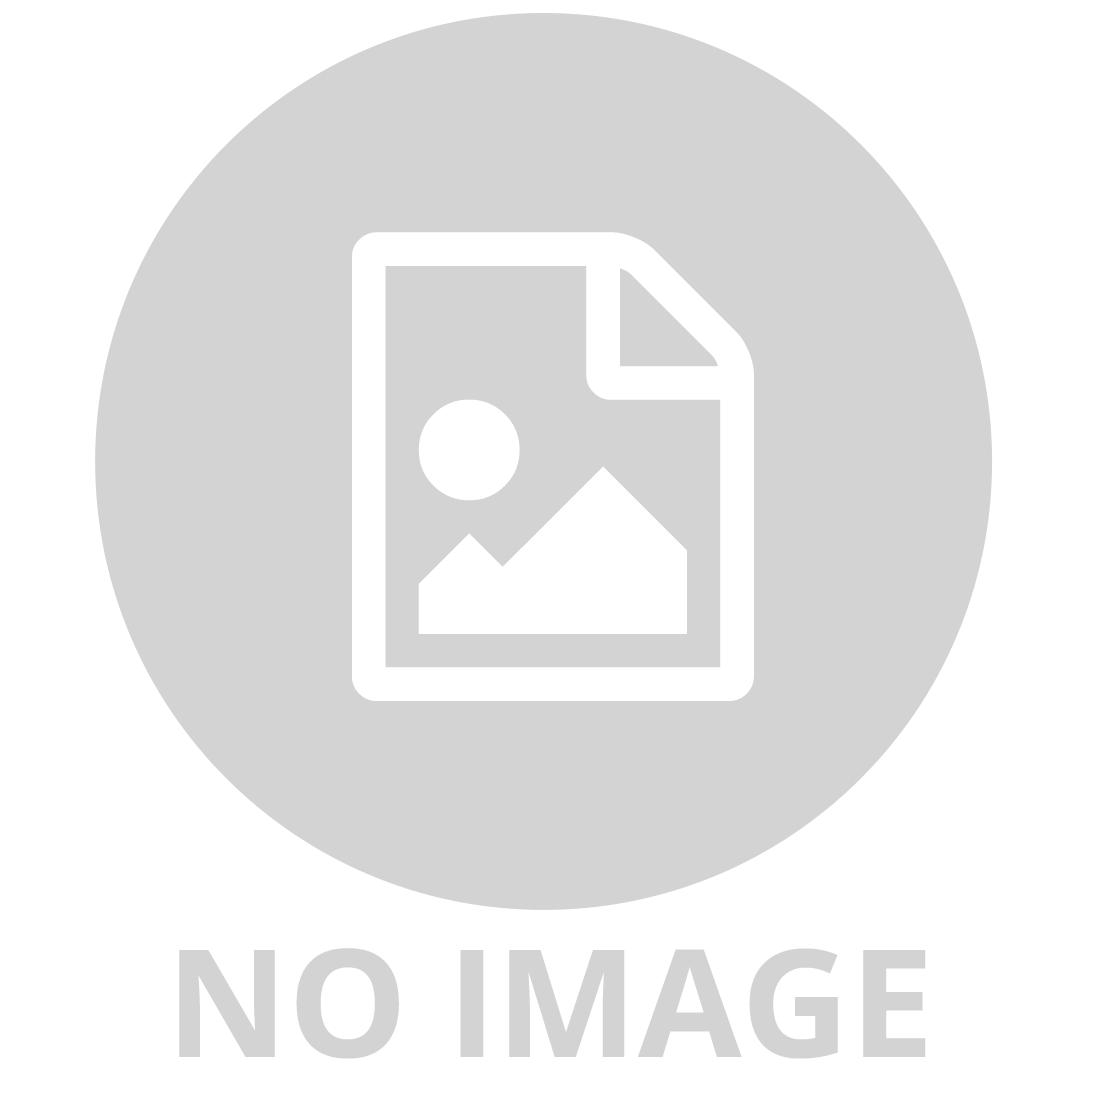 BEANIE BOOS BAMBOO THE PANDA